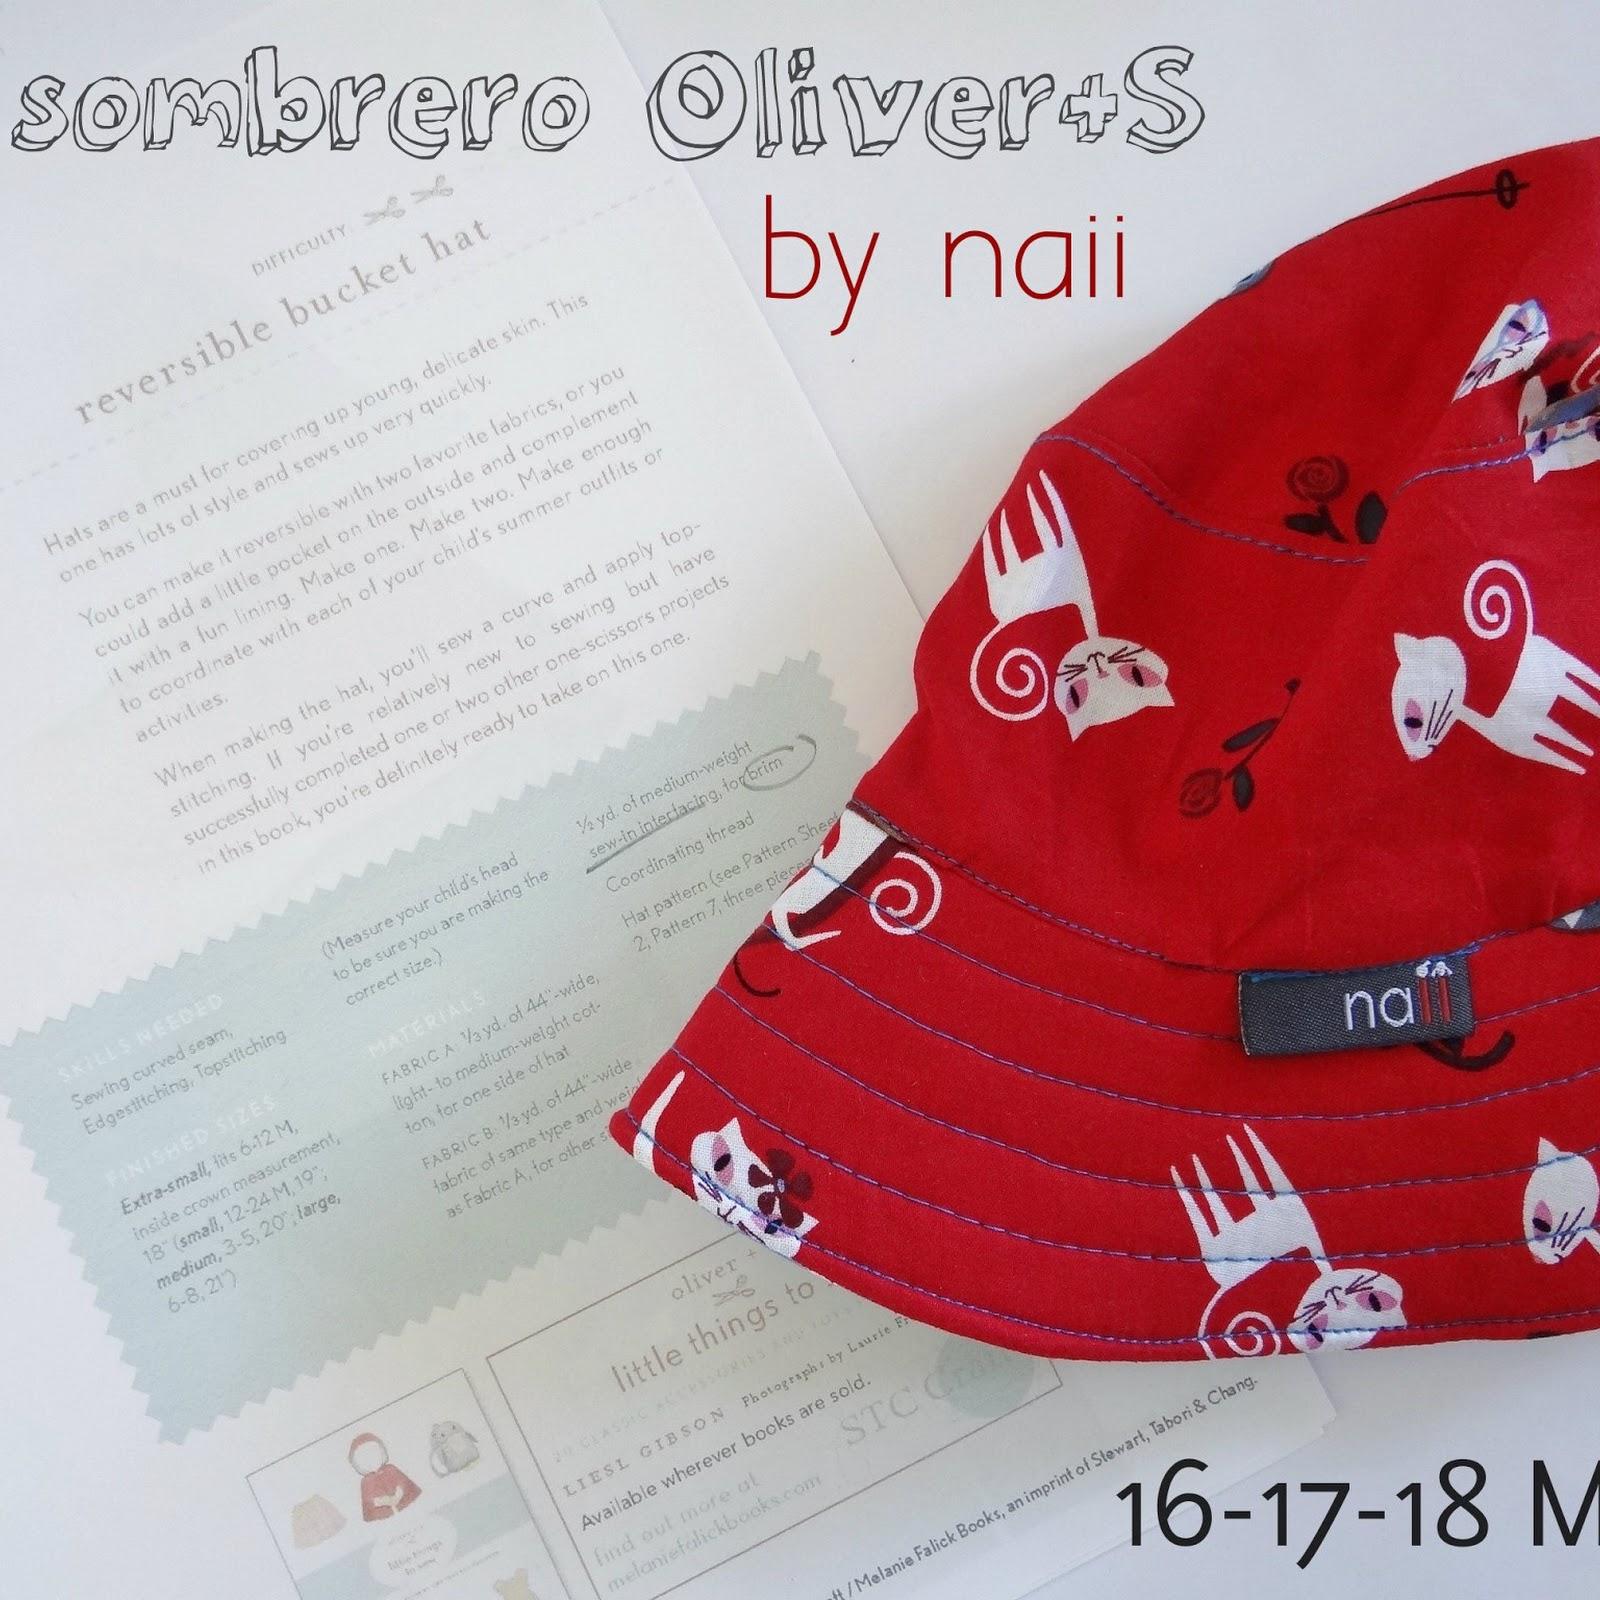 Sombrero Oliver+S chica | Diario de Naii